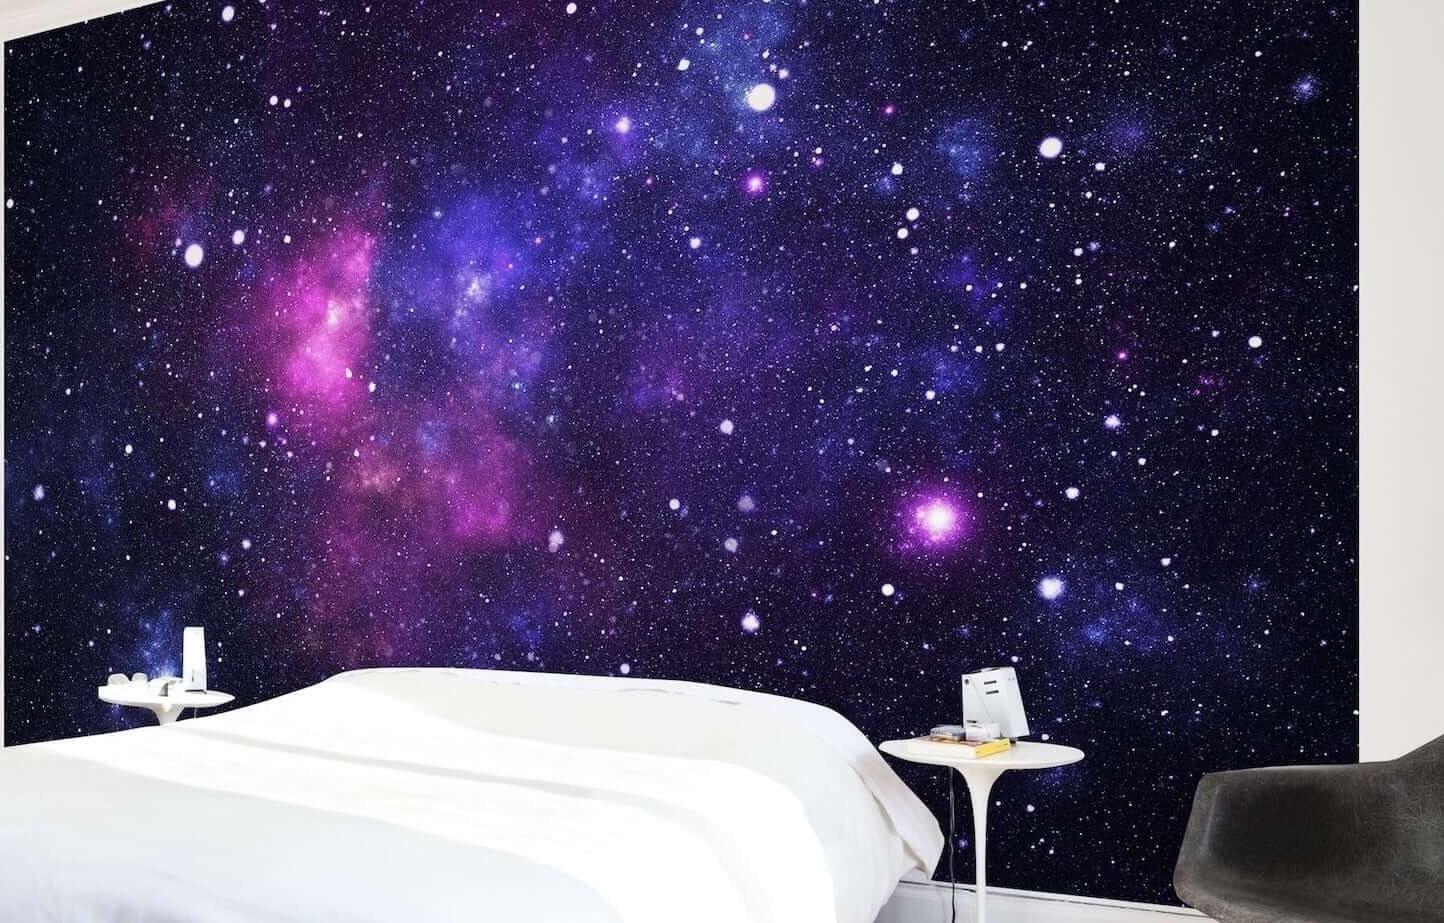 تصویر کاغذ دیواری سه بعدی کهکشان کد 1250